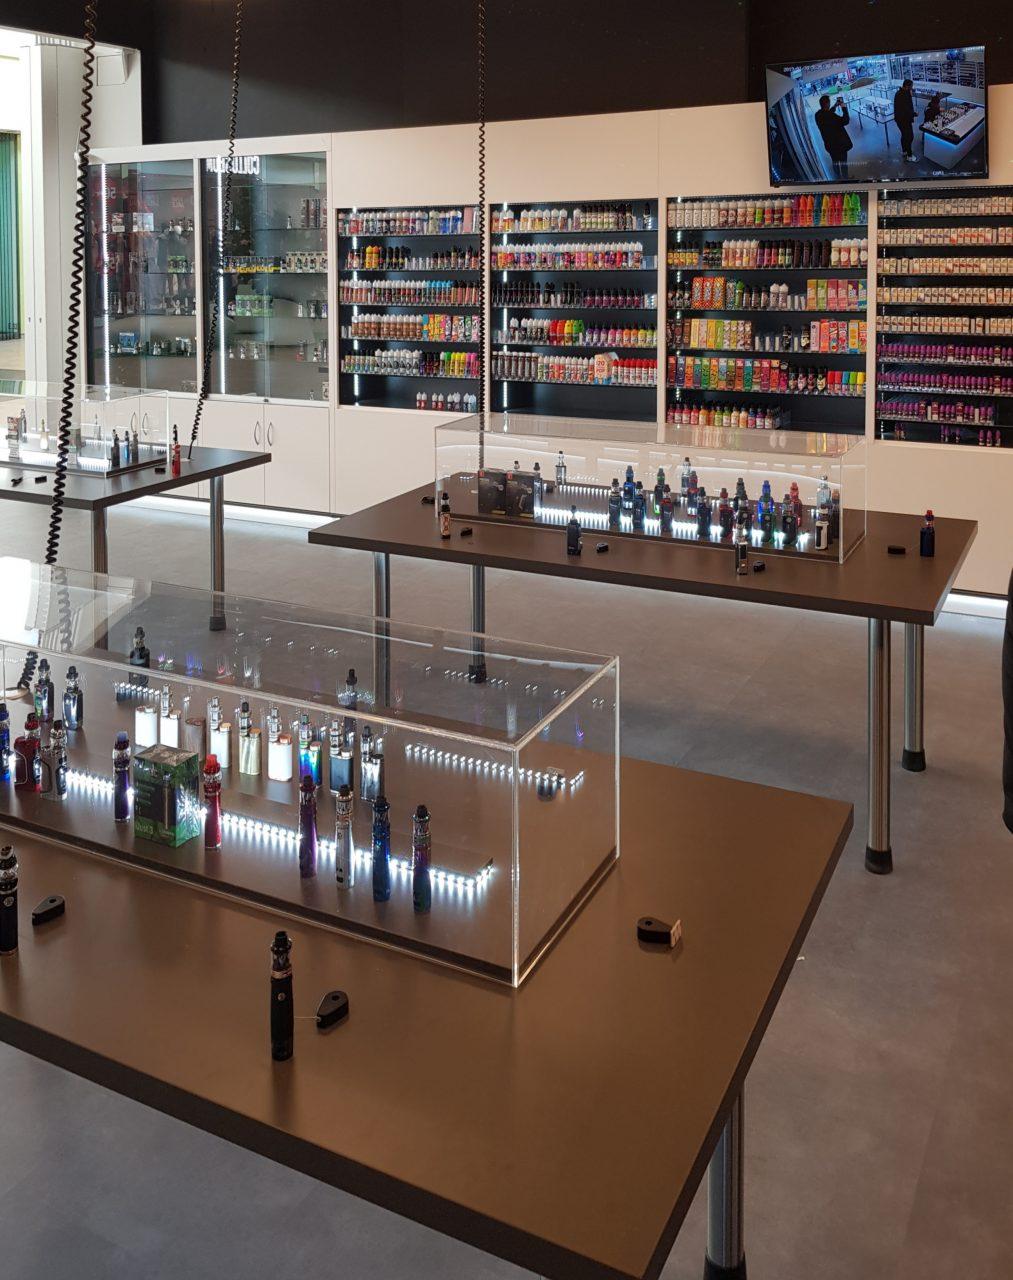 Eröffnung eines modernen E-Zigaretten Shops